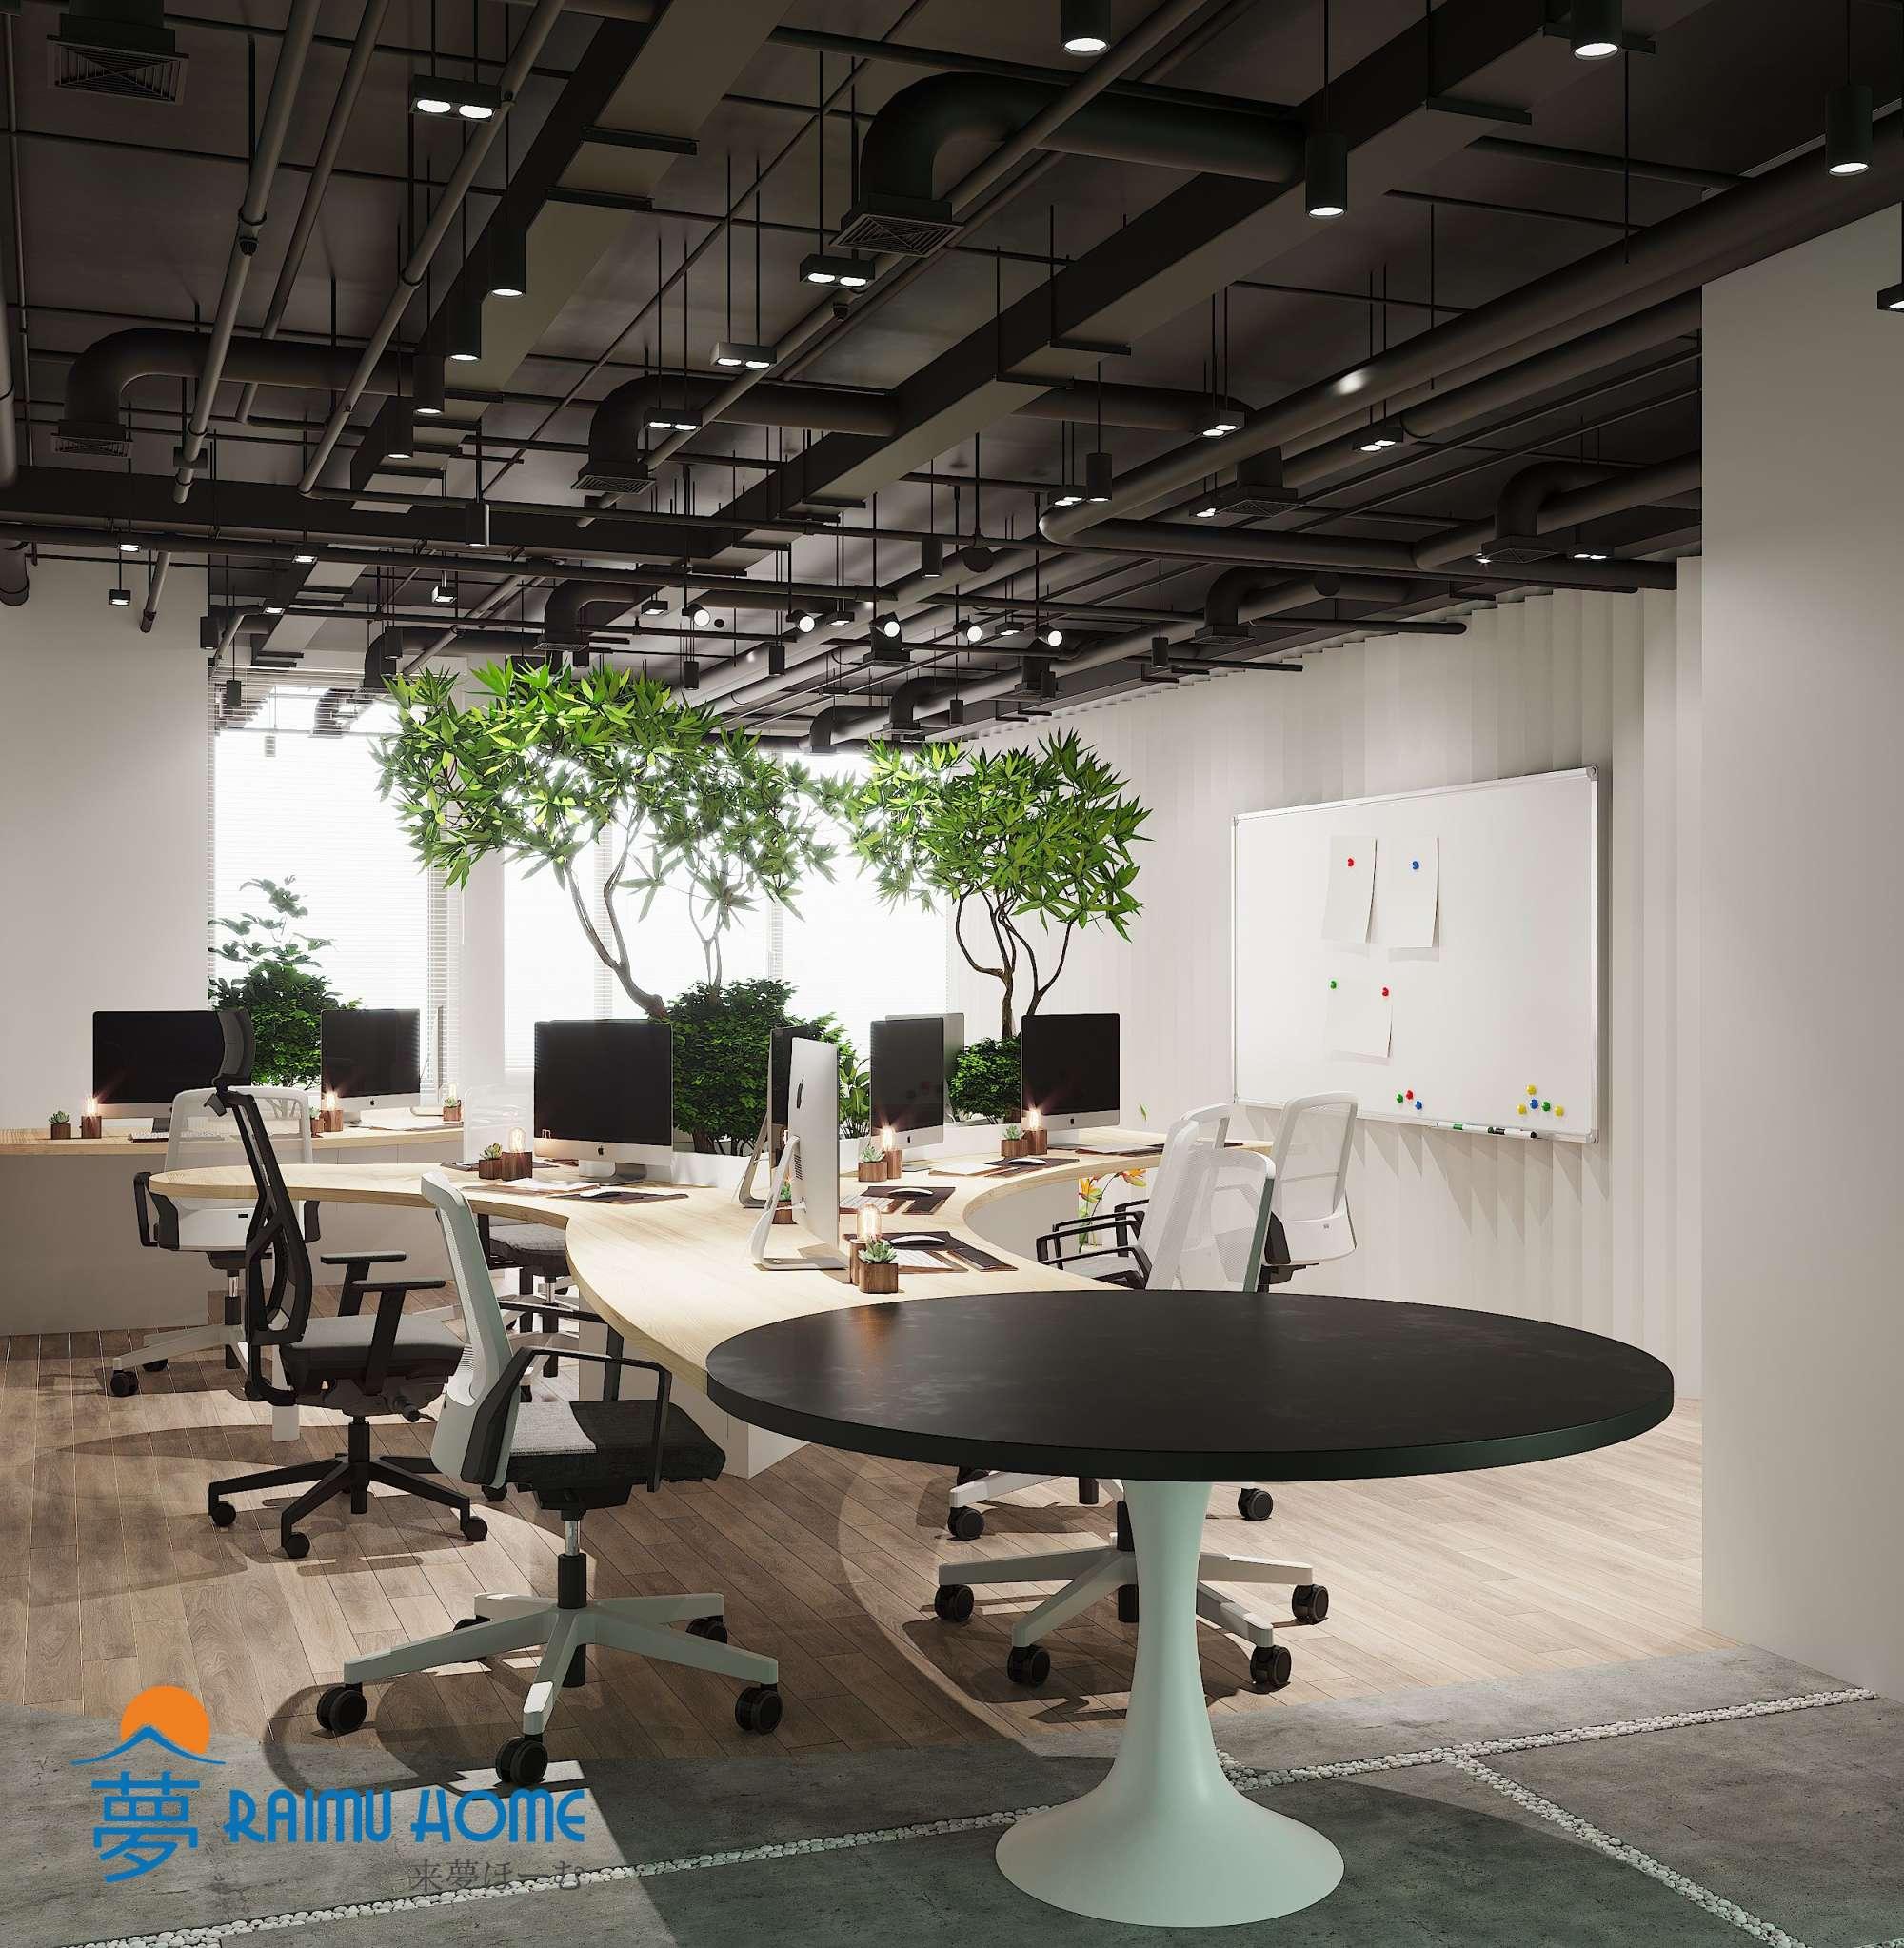 Tuyệt chiêu thiết kế nội thất nhà đẹp cho cuộc sống hiện đại